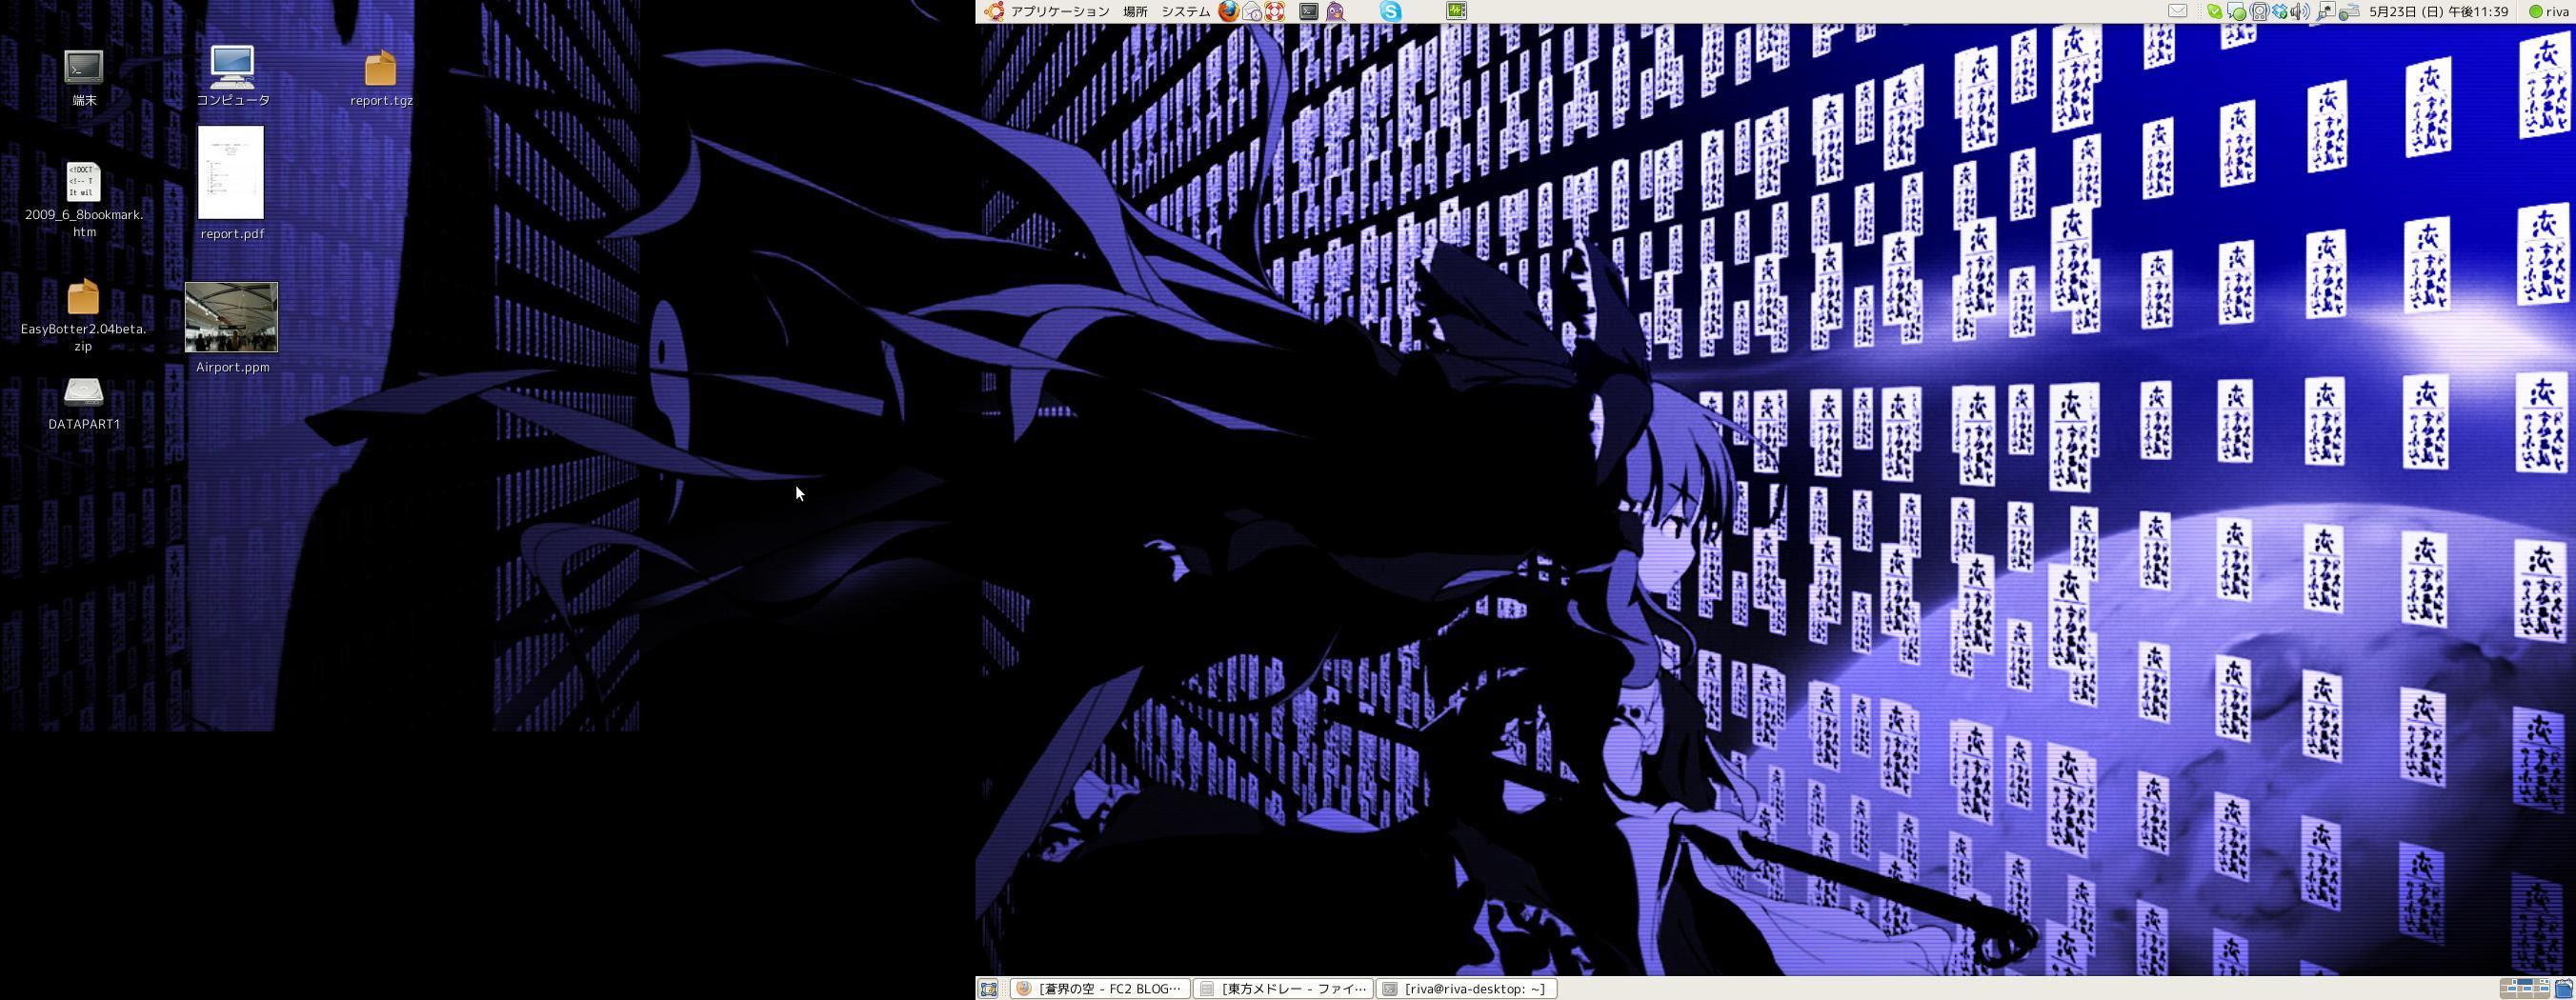 ロイヤリティフリー Pc 2画面 壁紙 Hdの壁紙画像